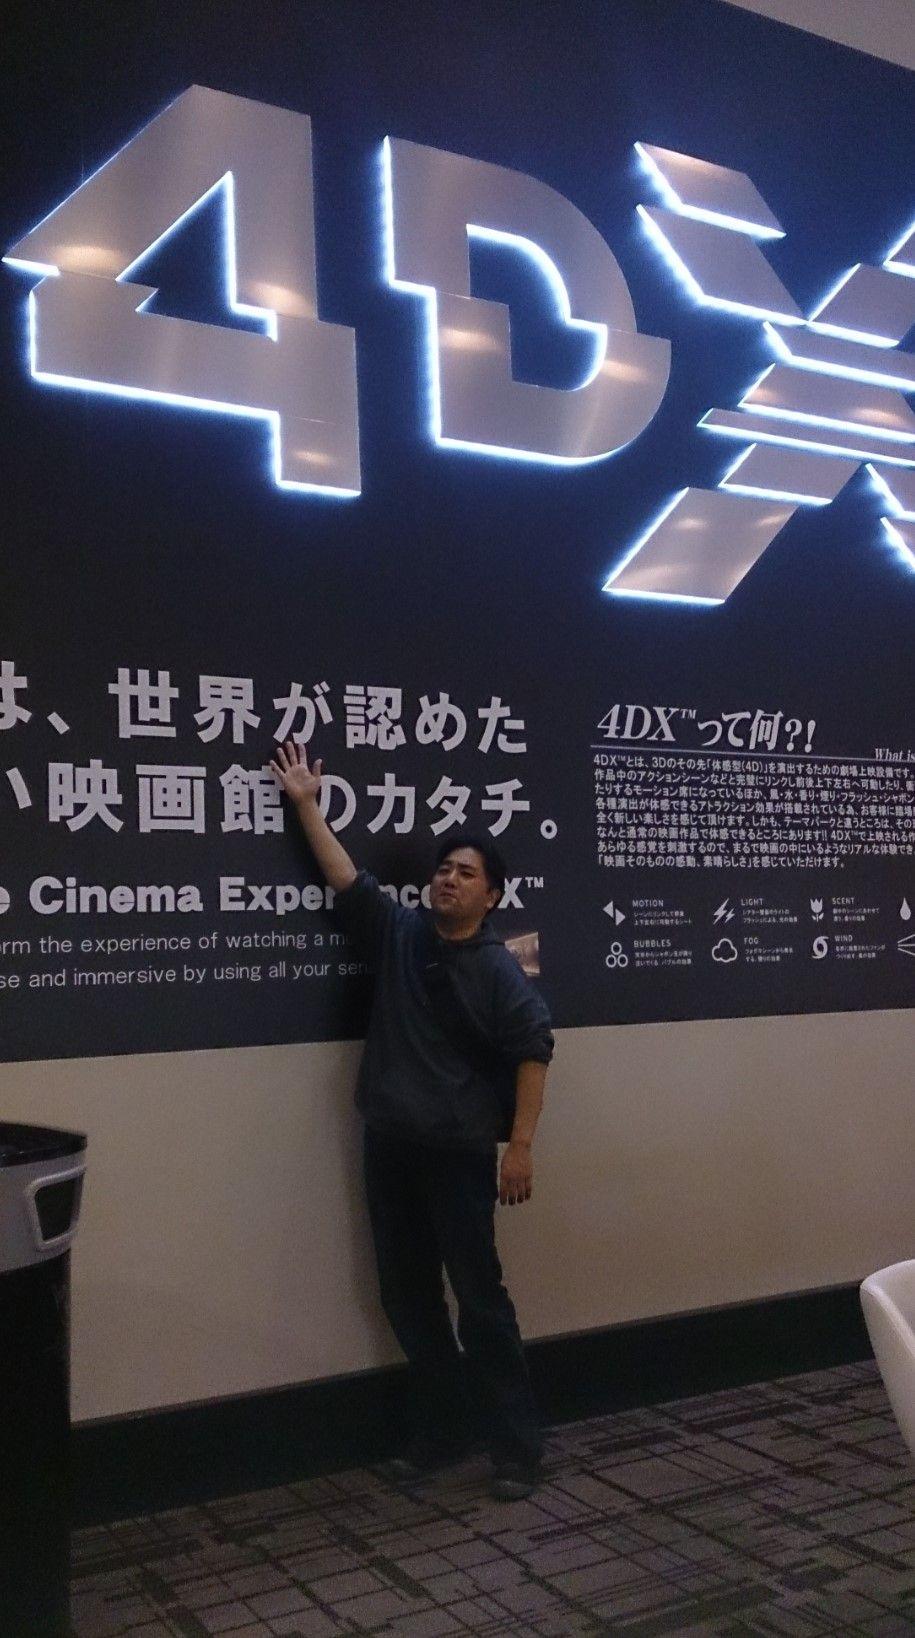 時間 映画 上映 中川 コロナ